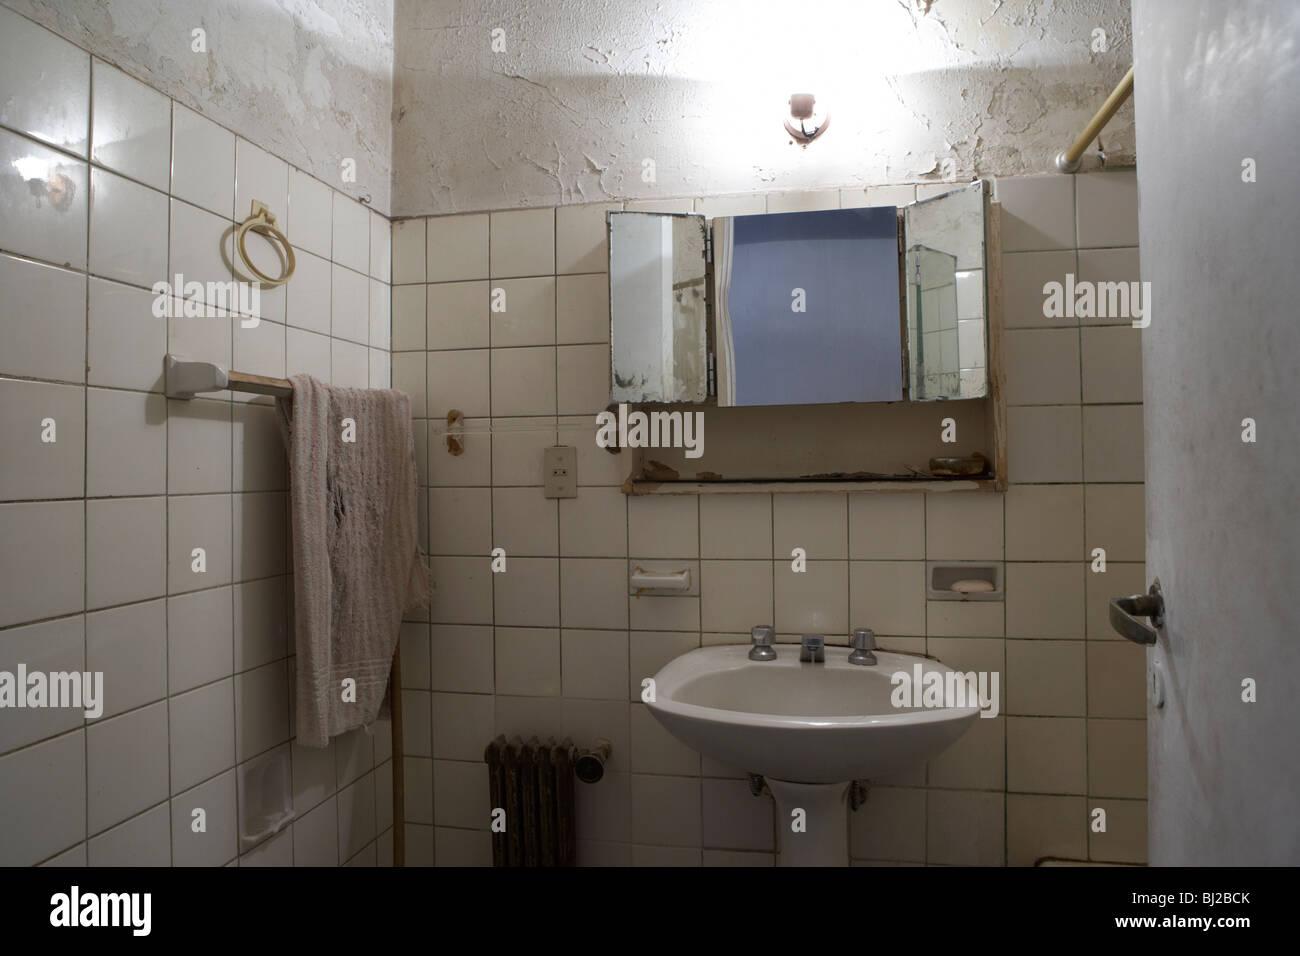 kleine schmale heruntergekommen, Badezimmer Stockfoto, Bild ...